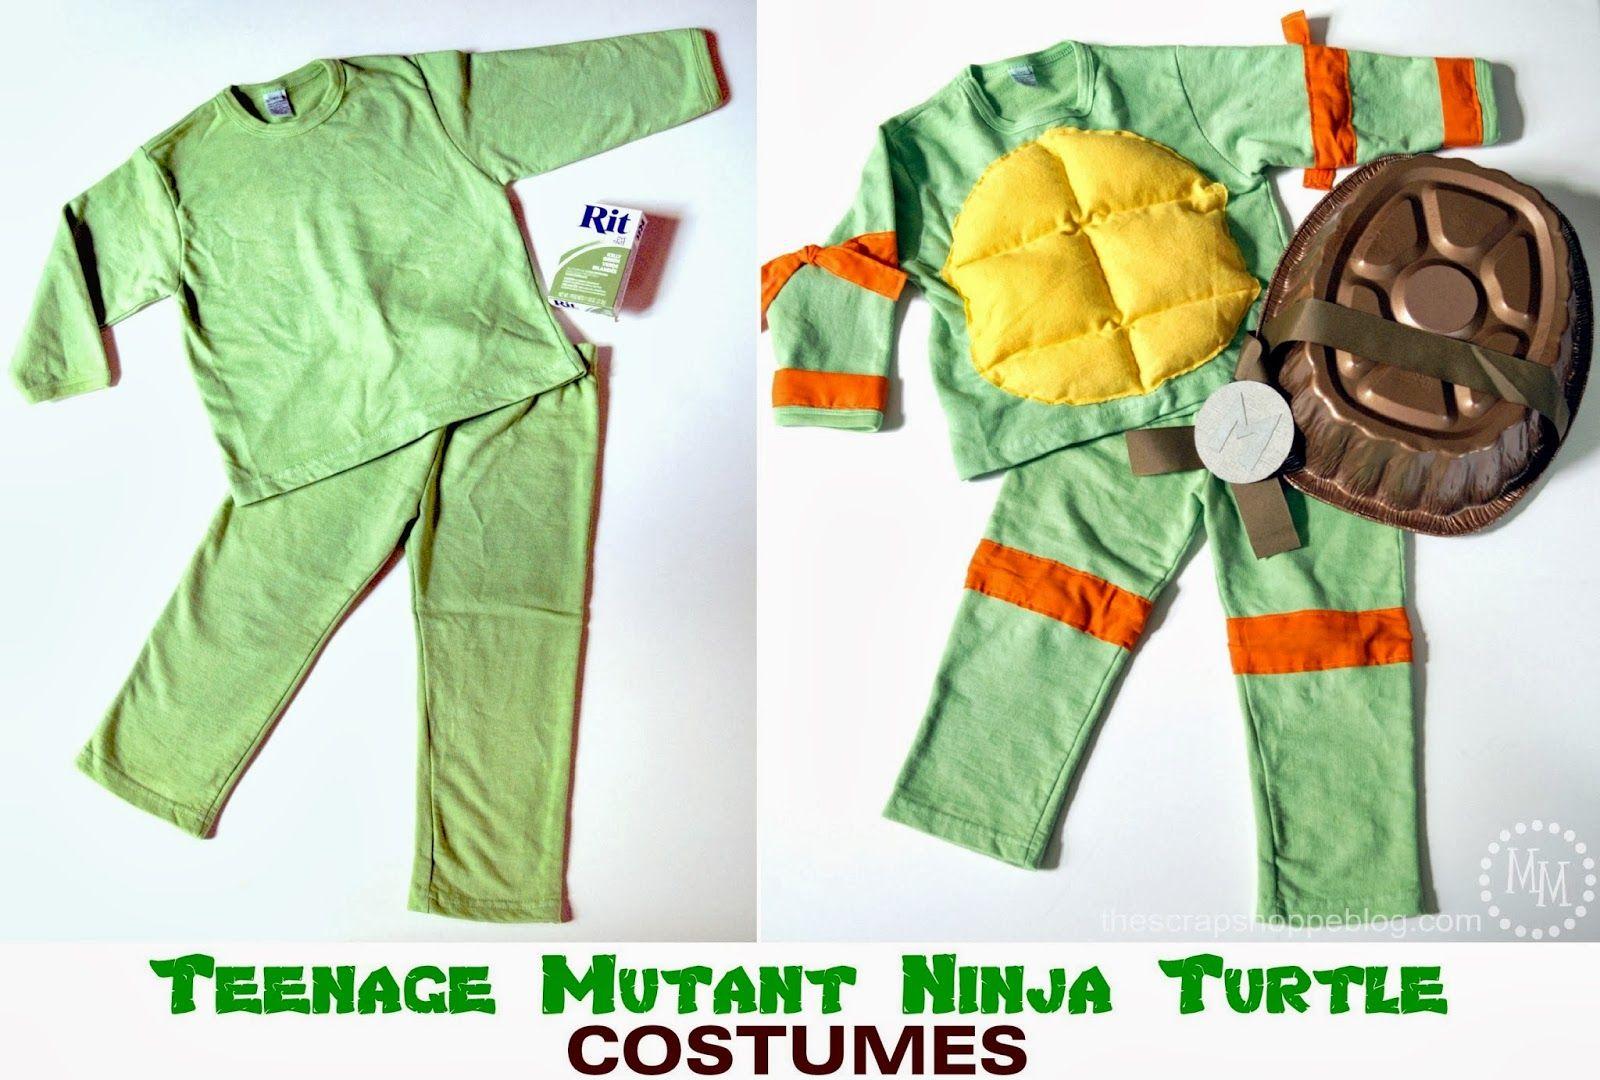 Ninja turtle costume teenage mutant ninja turtle costumes tmnt ninja turtle costume teenage mutant ninja turtle costumes tmnt solutioingenieria Gallery